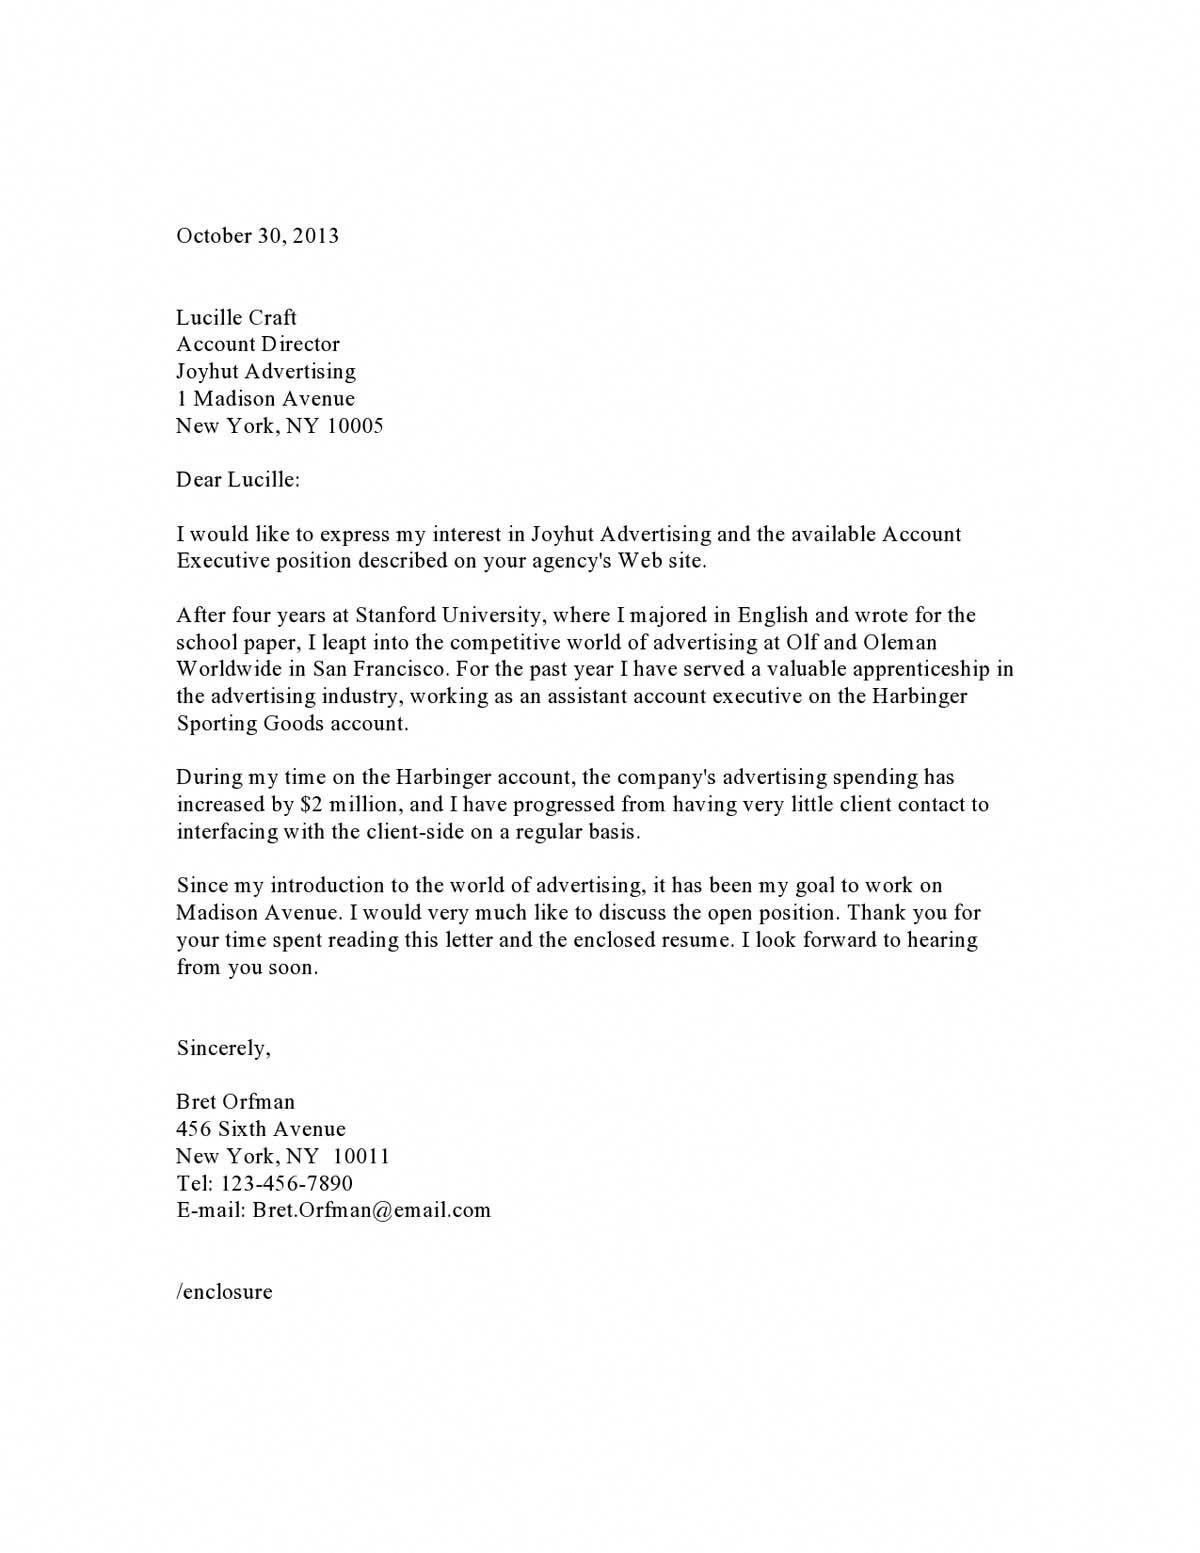 Sample Of Cover Letter Template #cover #coverlettertemplate #letter ...